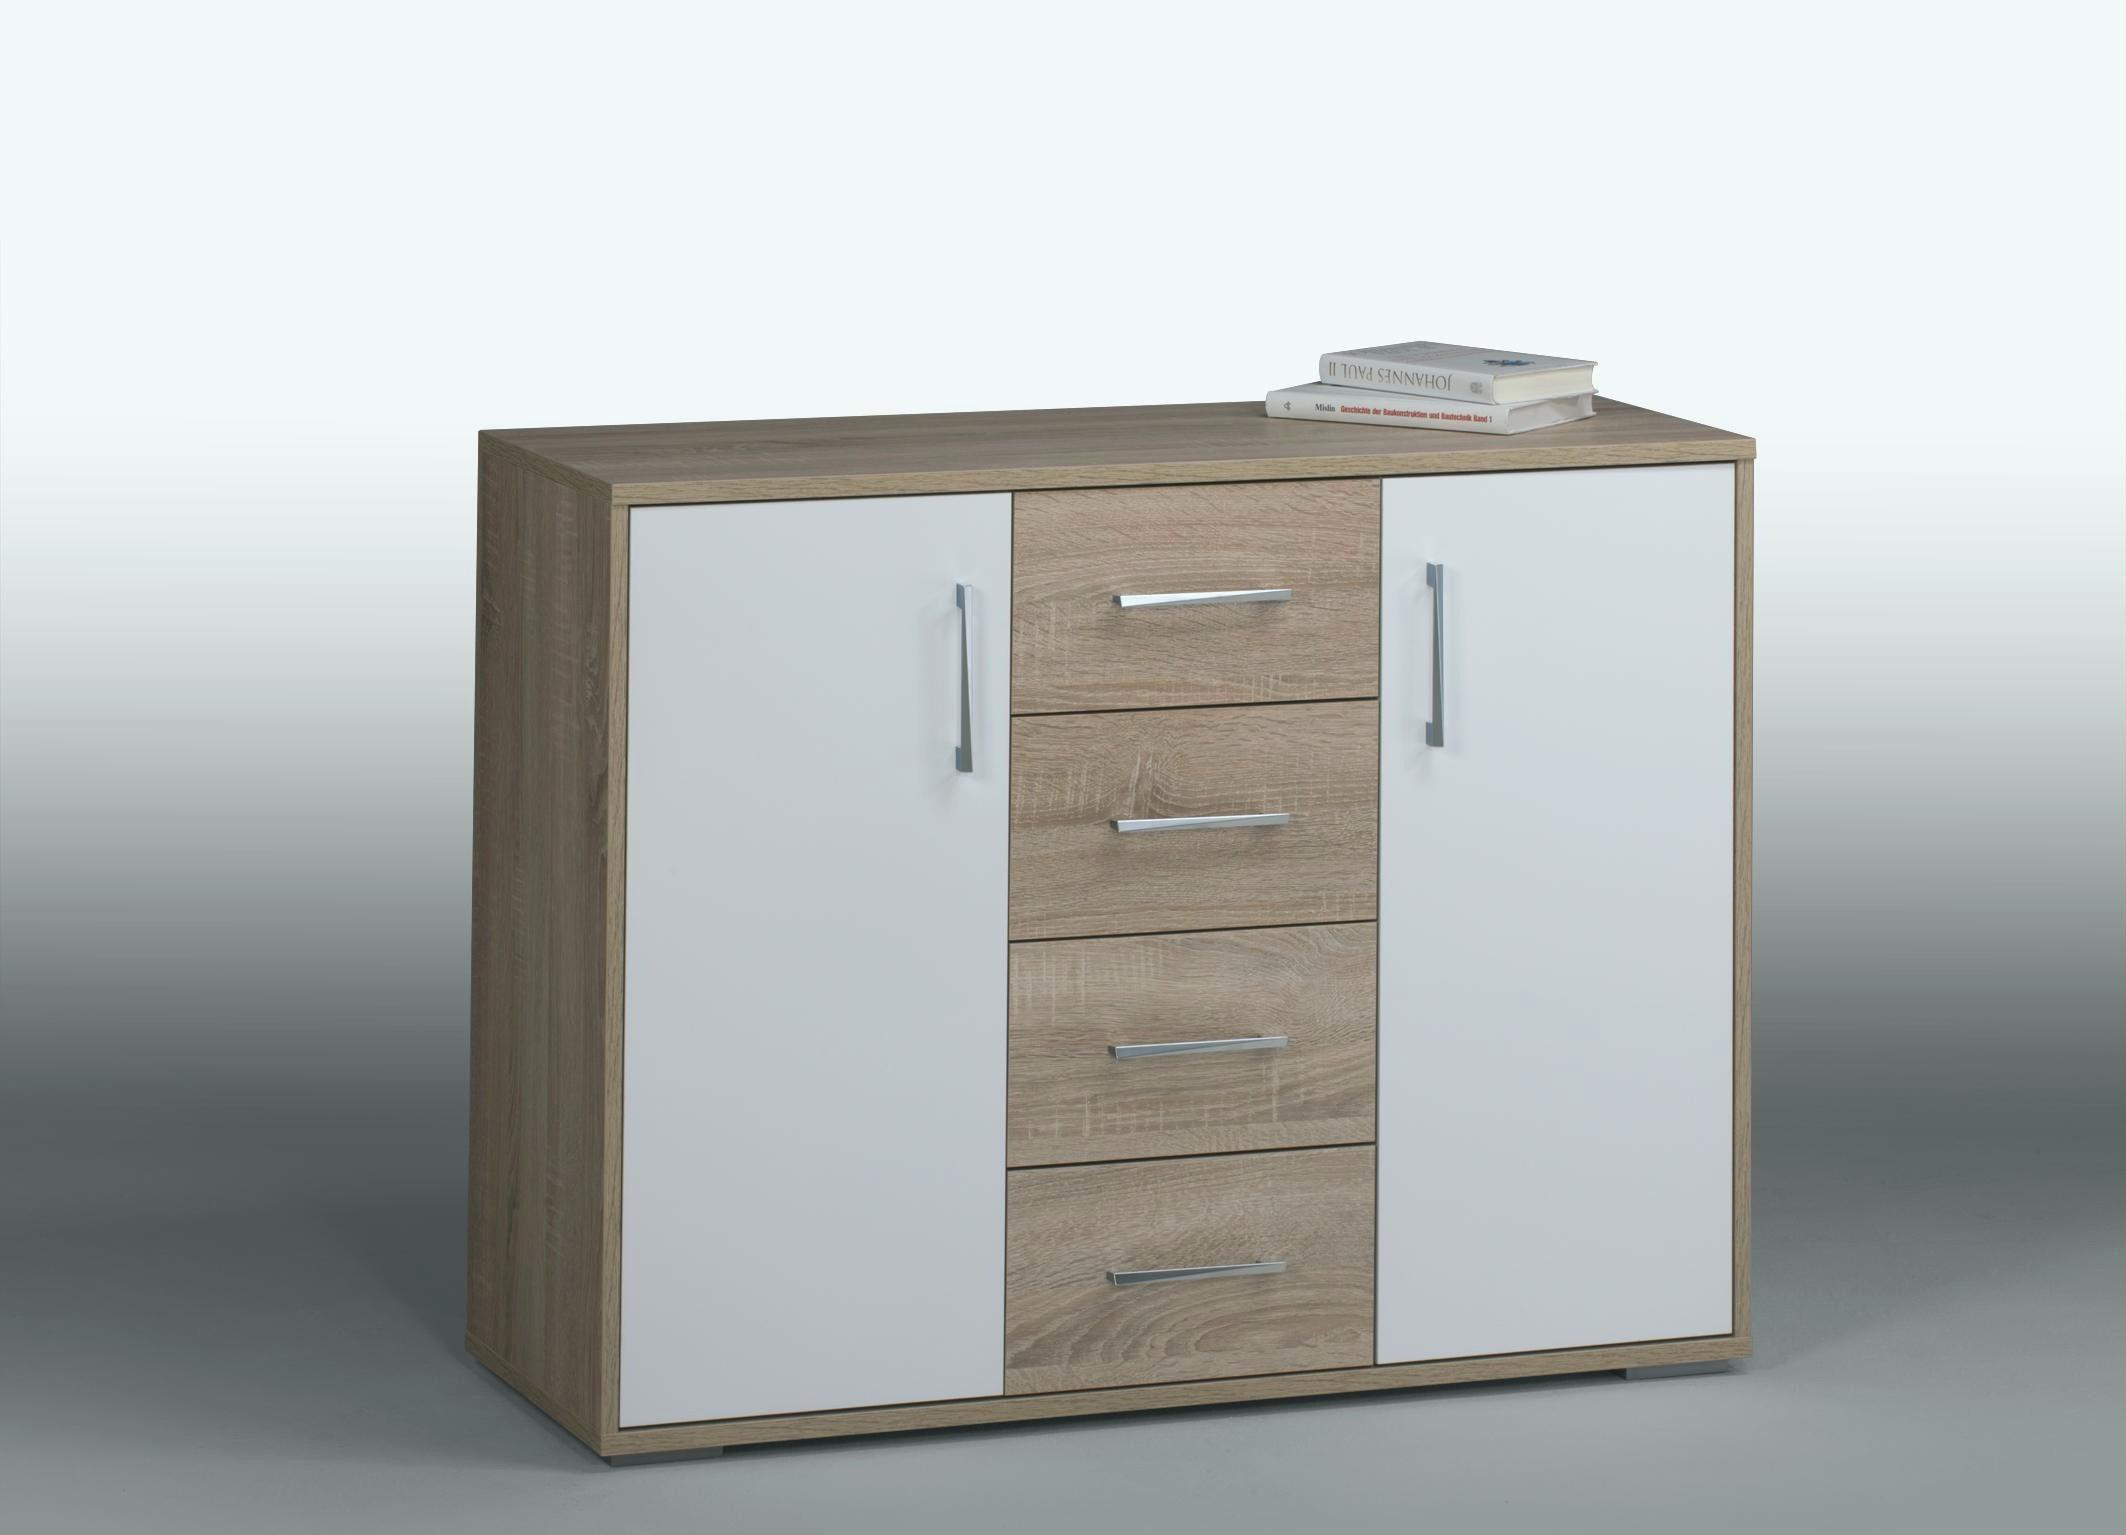 Armoire De Salle De Bain but Frais Photos Meuble Rangement but Beau Meuble De toilette Rangement élégant Ideas